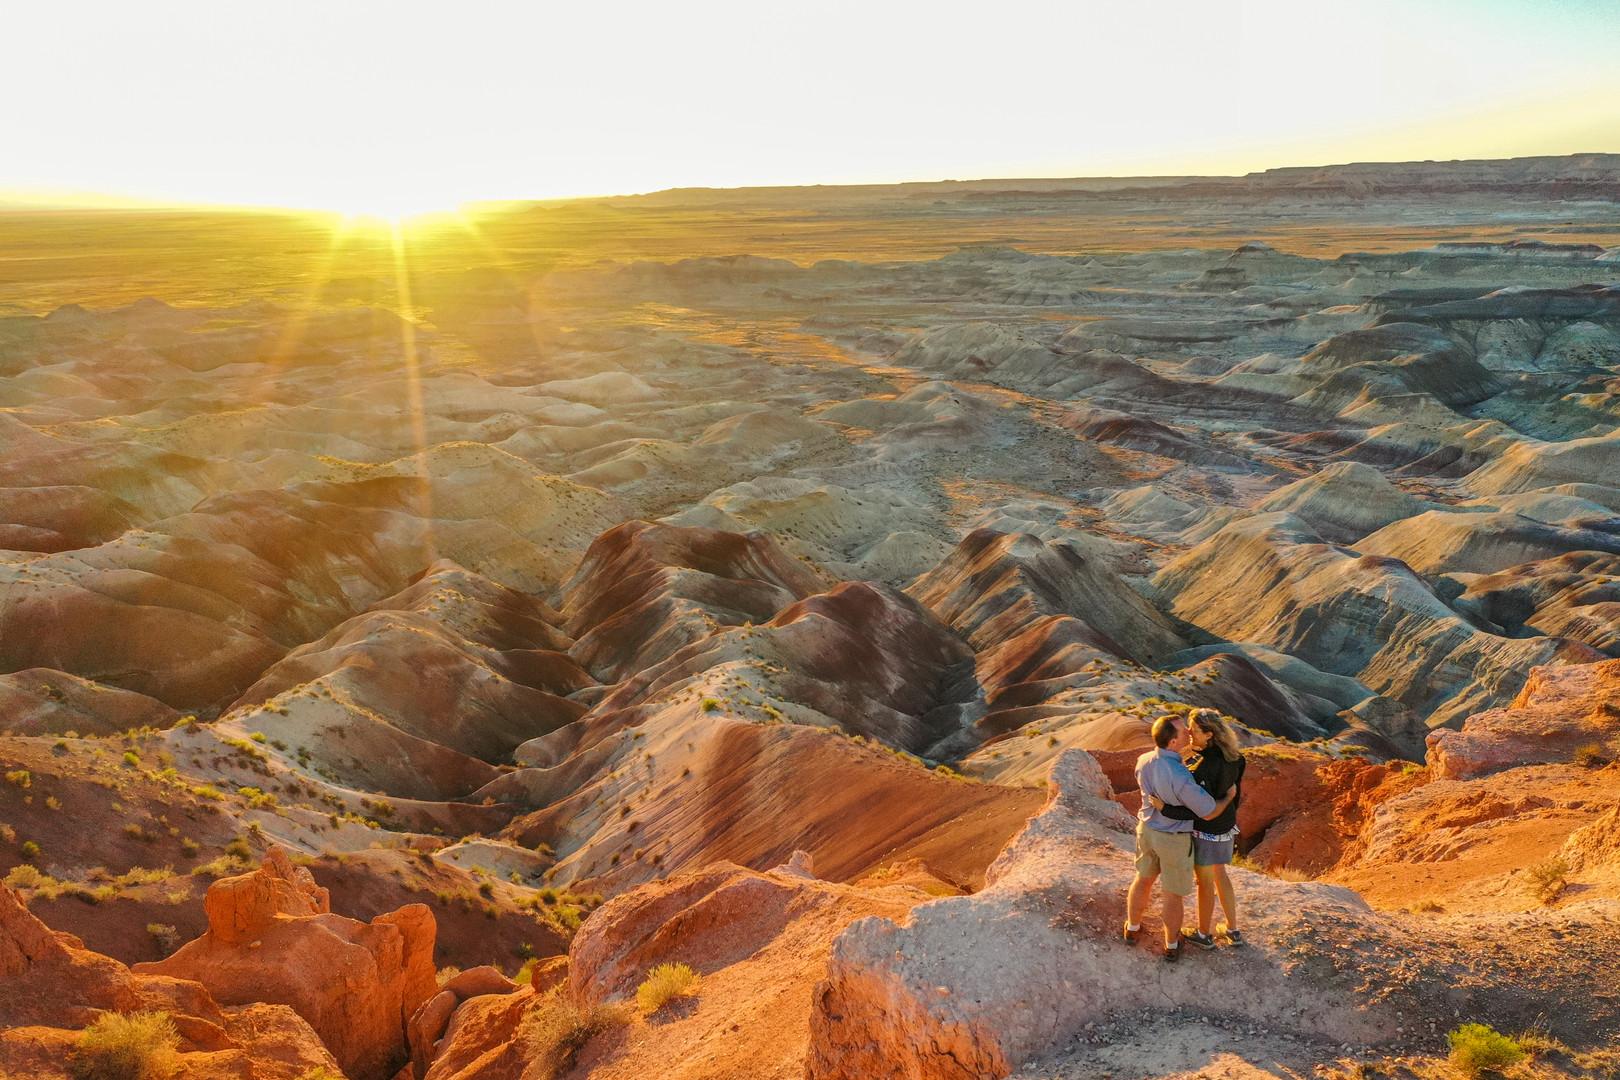 Sunset over the Little Painted Desert